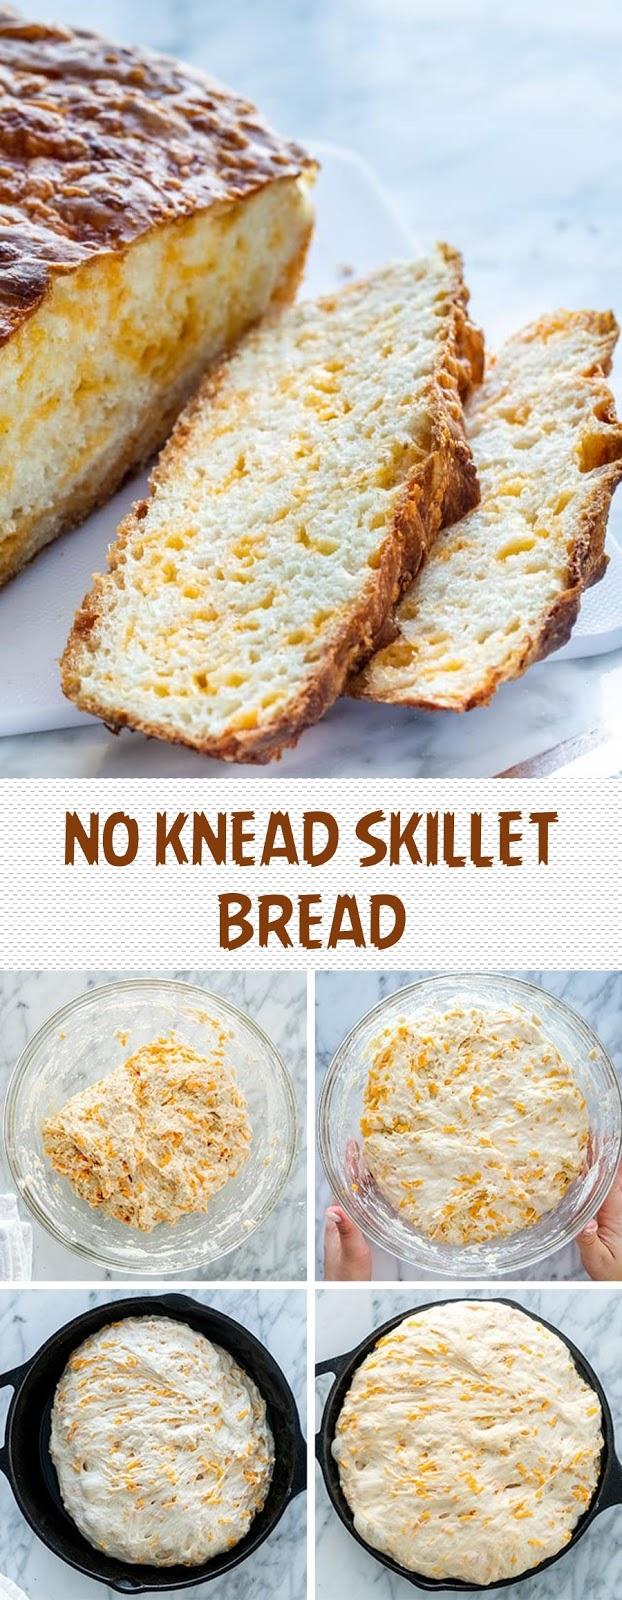 NO KNEAD SKILLET BREAD